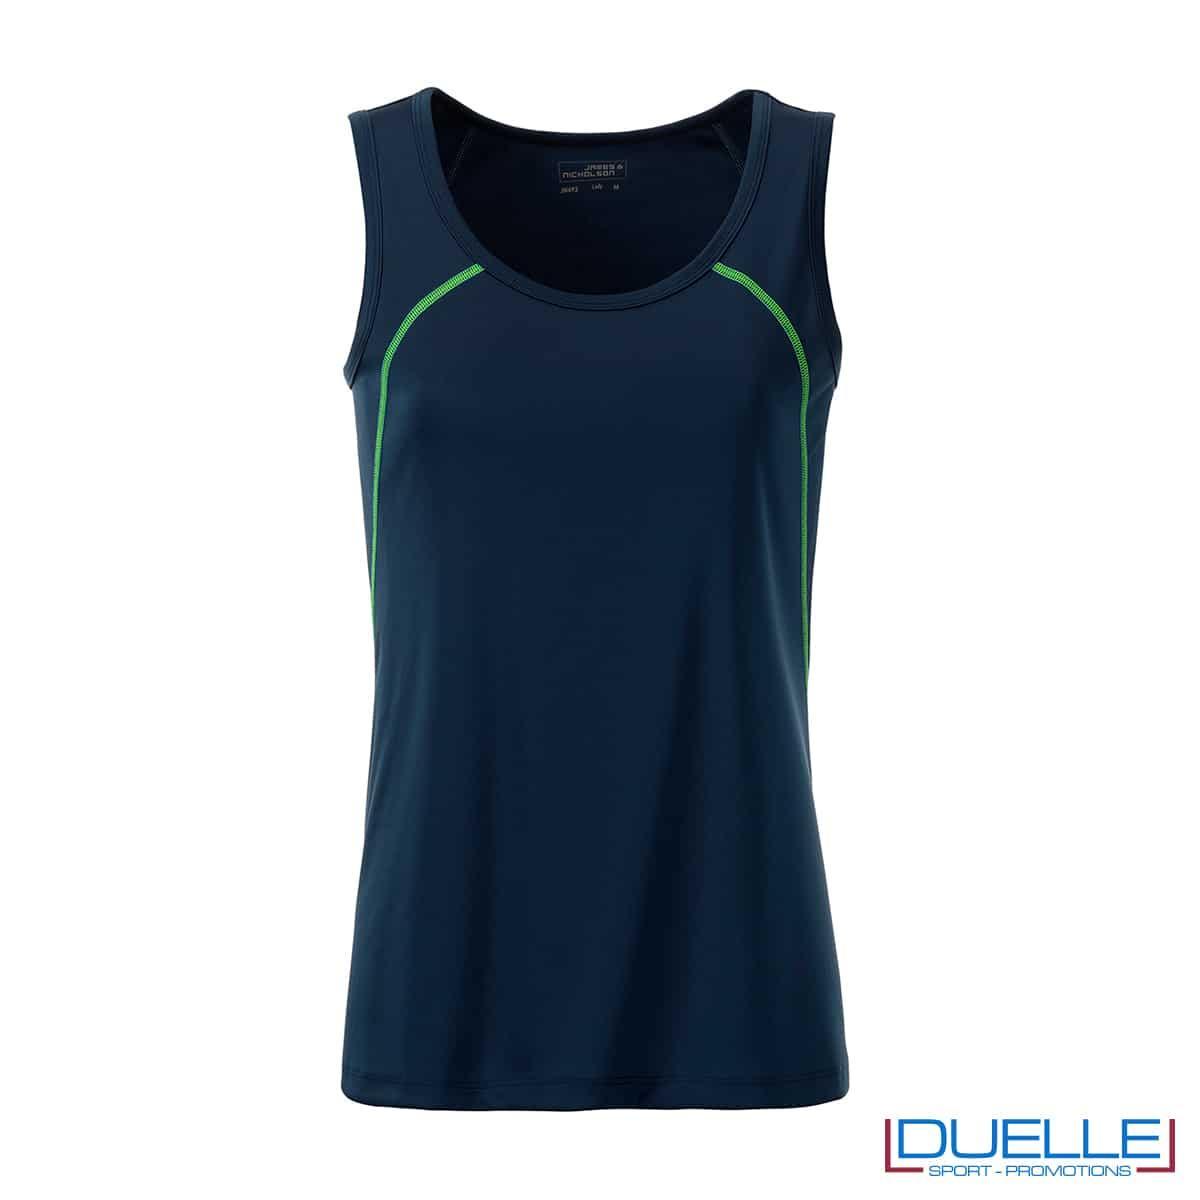 Canotta donna sport traspirante colore blu navy